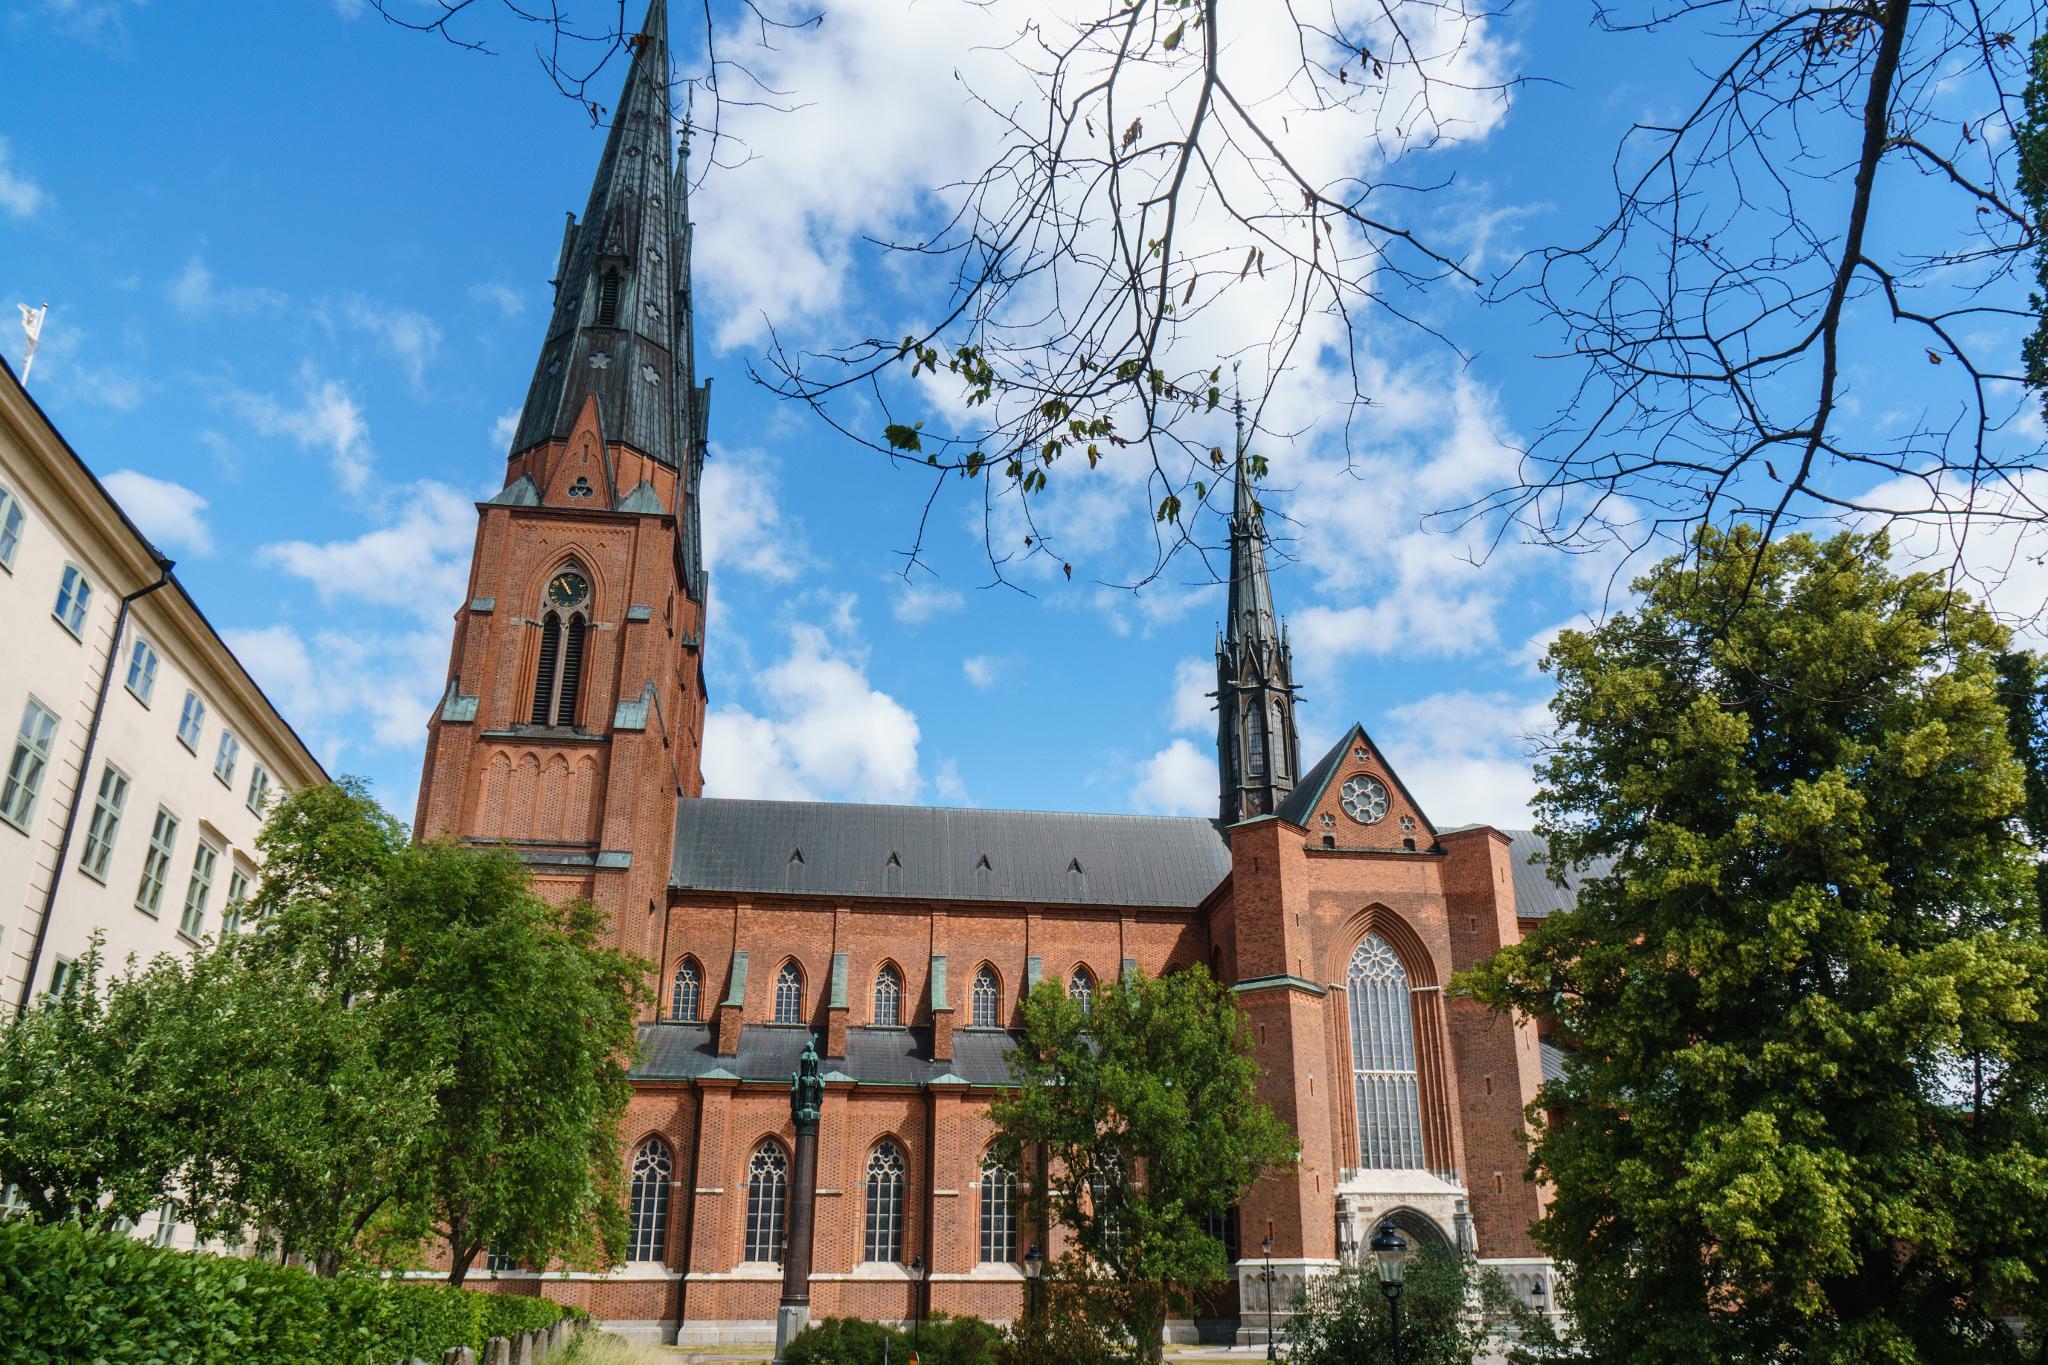 【北歐景點】瑞典的歷史縮影 — 老城烏普薩拉(Uppsala)的人文風景 28